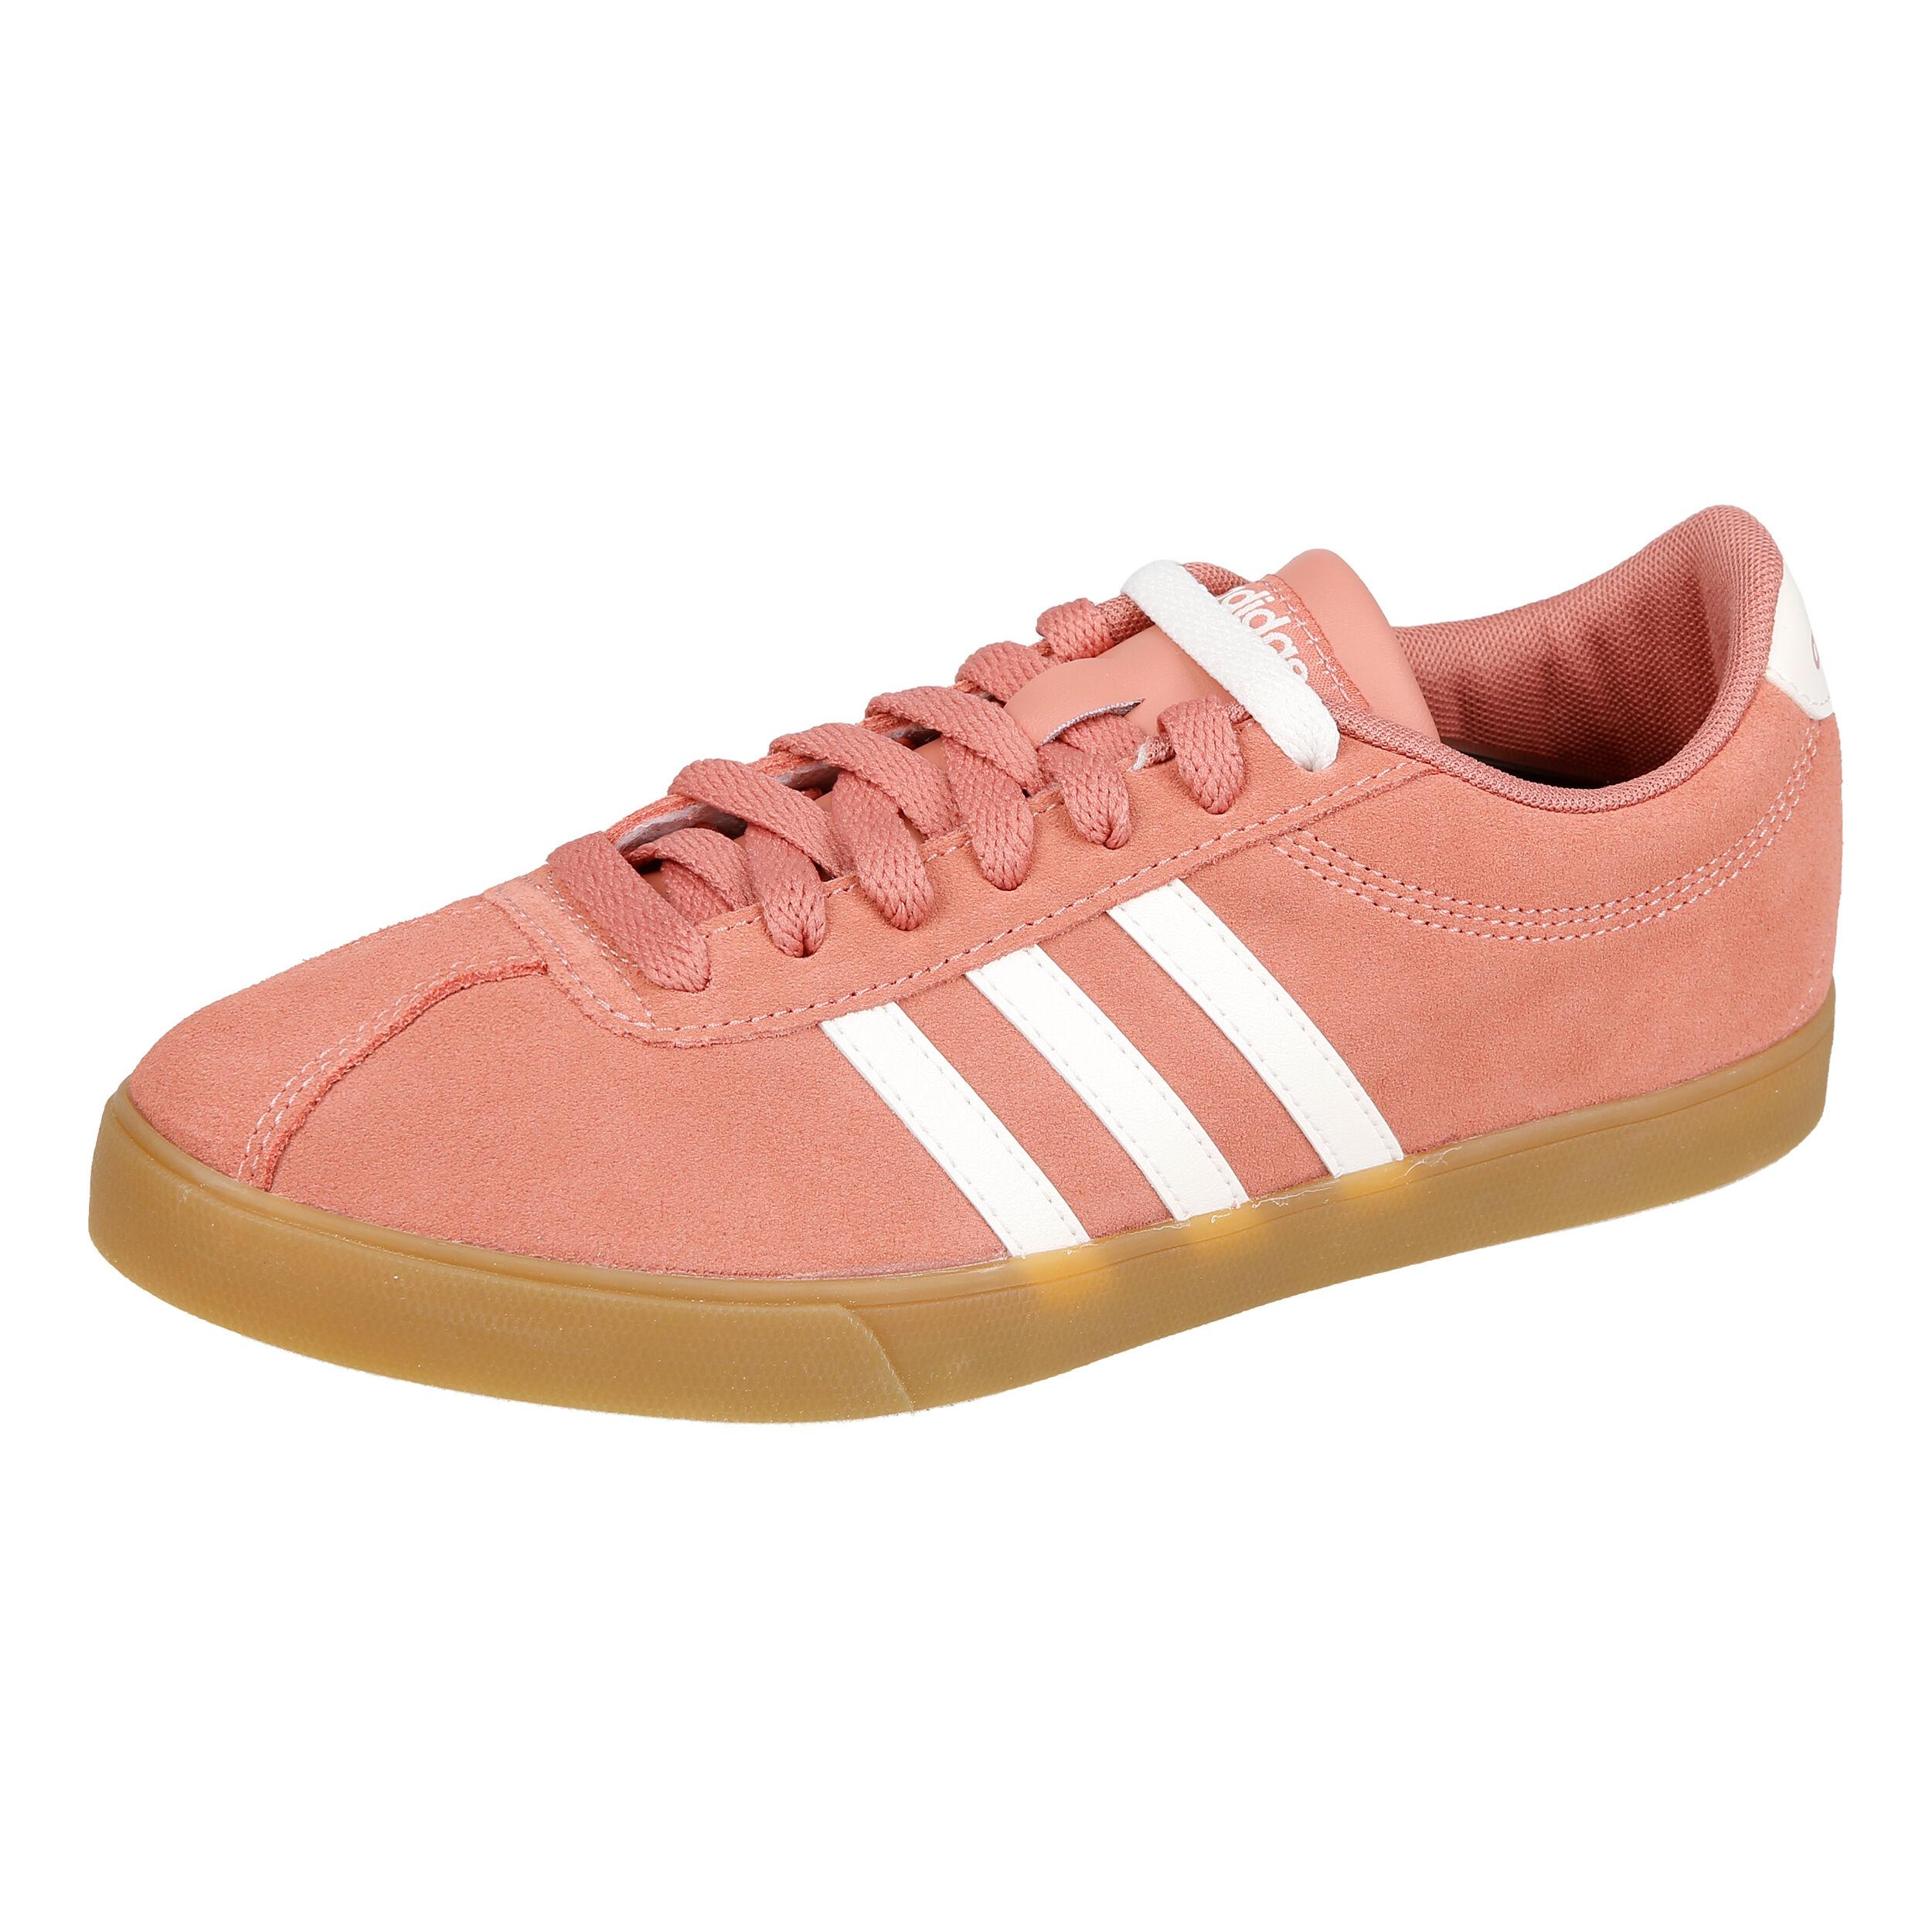 adidas Courtset Sneaker Damen - Rosa, Weiß online kaufen ...